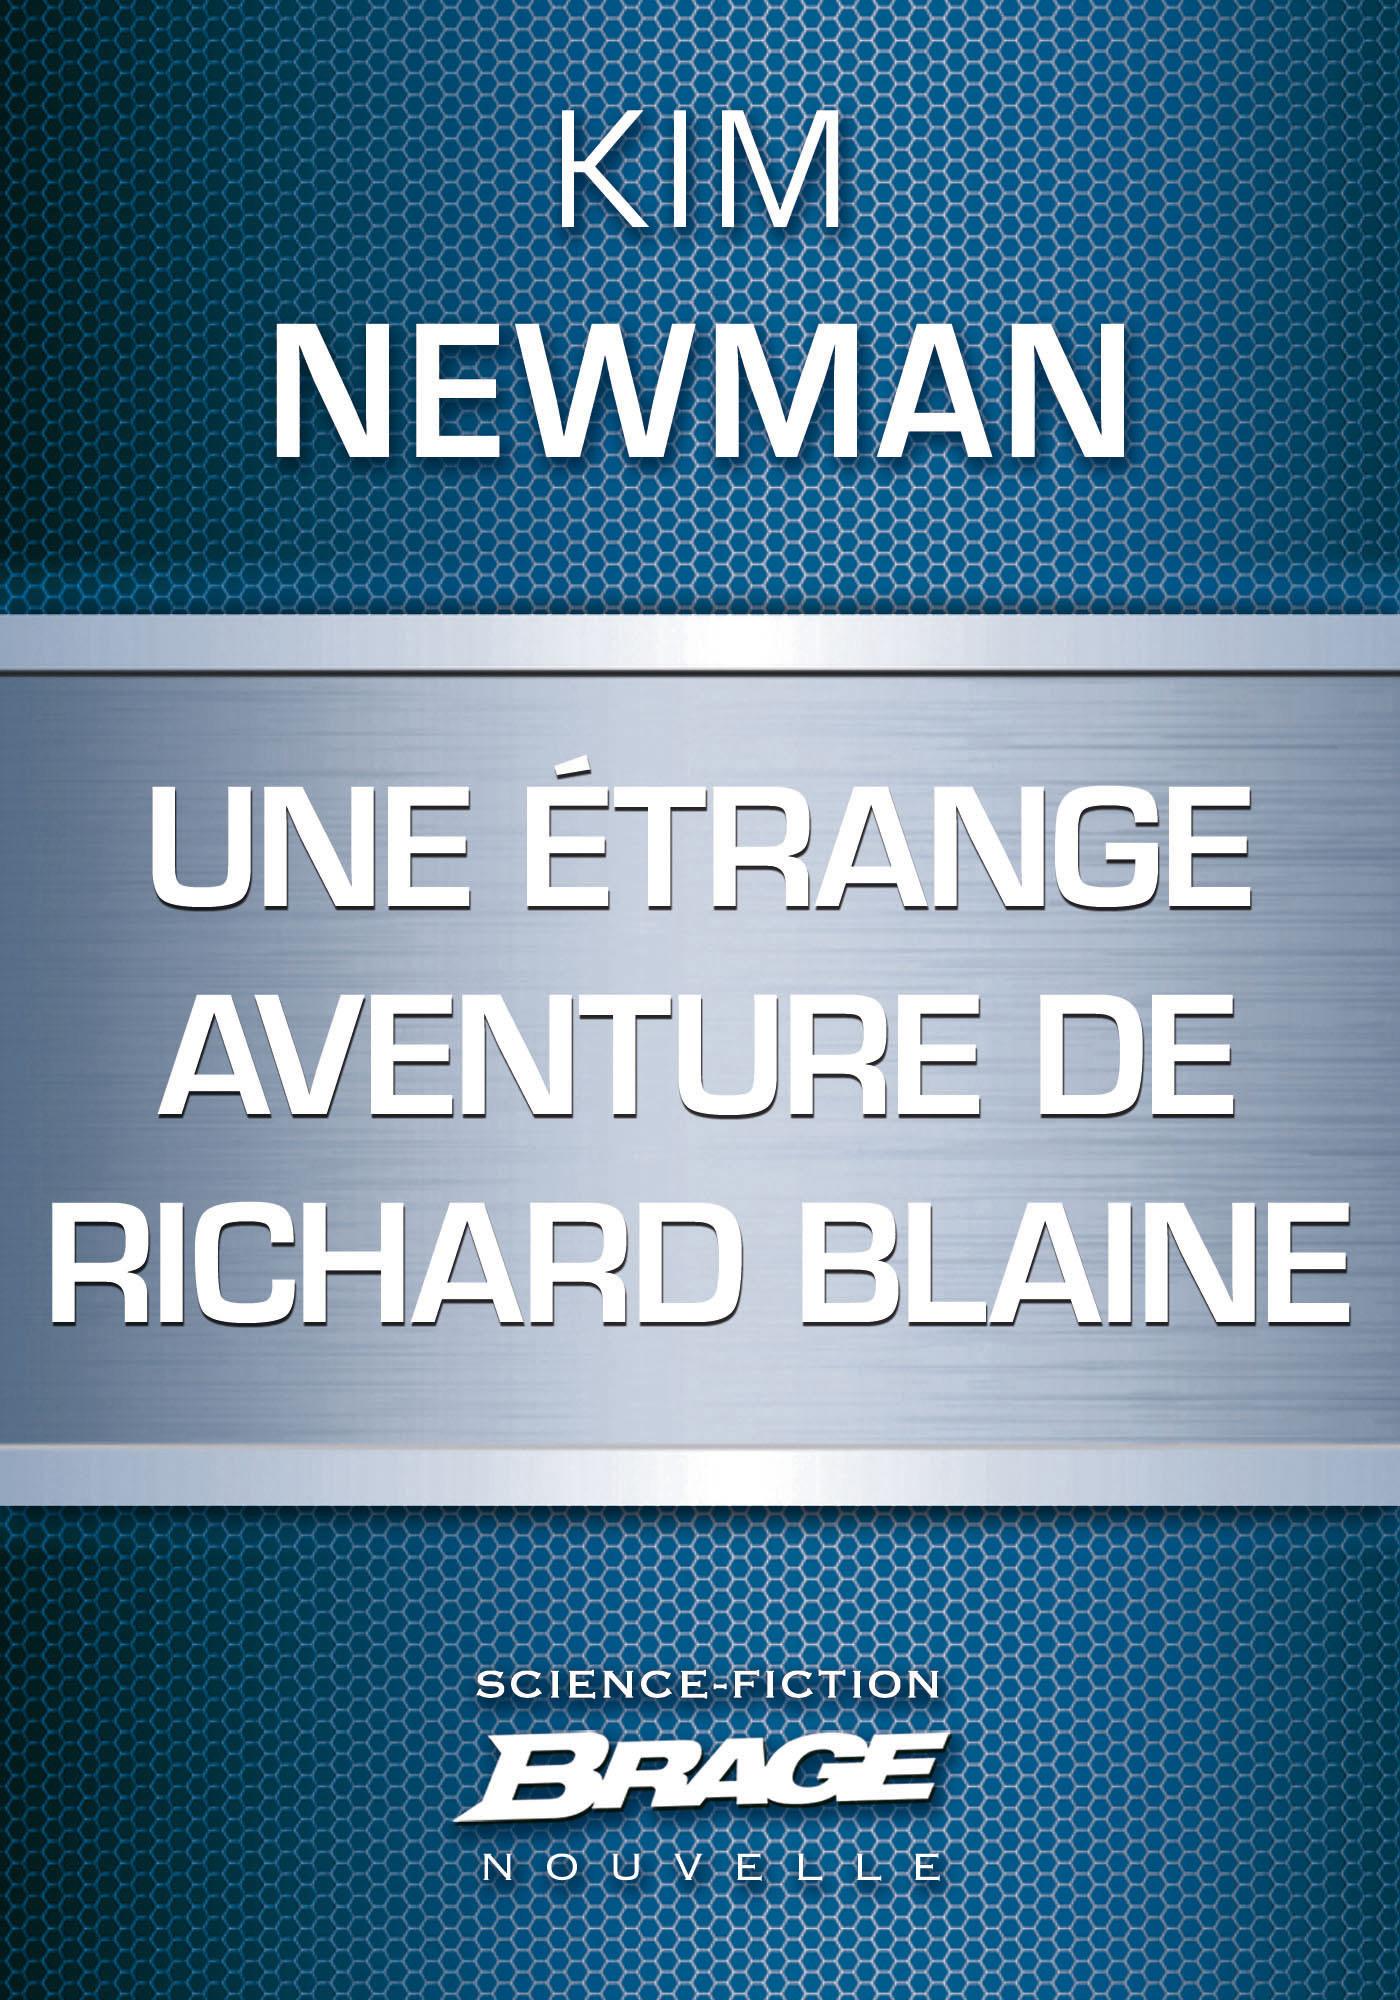 Une étrange aventure de Richard Blaine